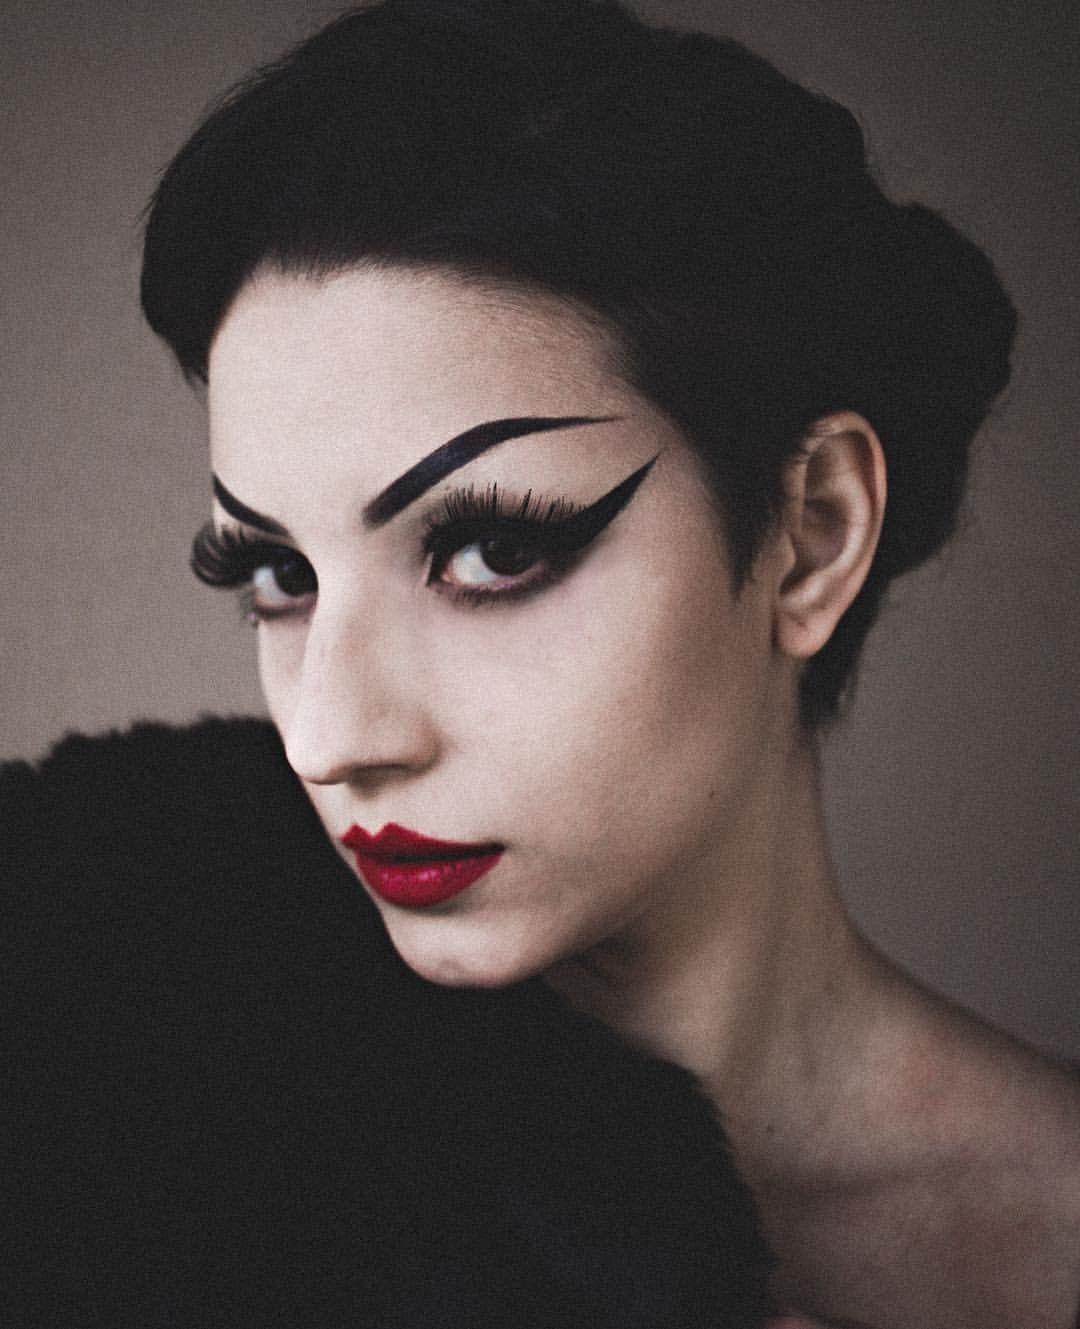 Pin by 🖤 on Makeup, Halloween face makeup